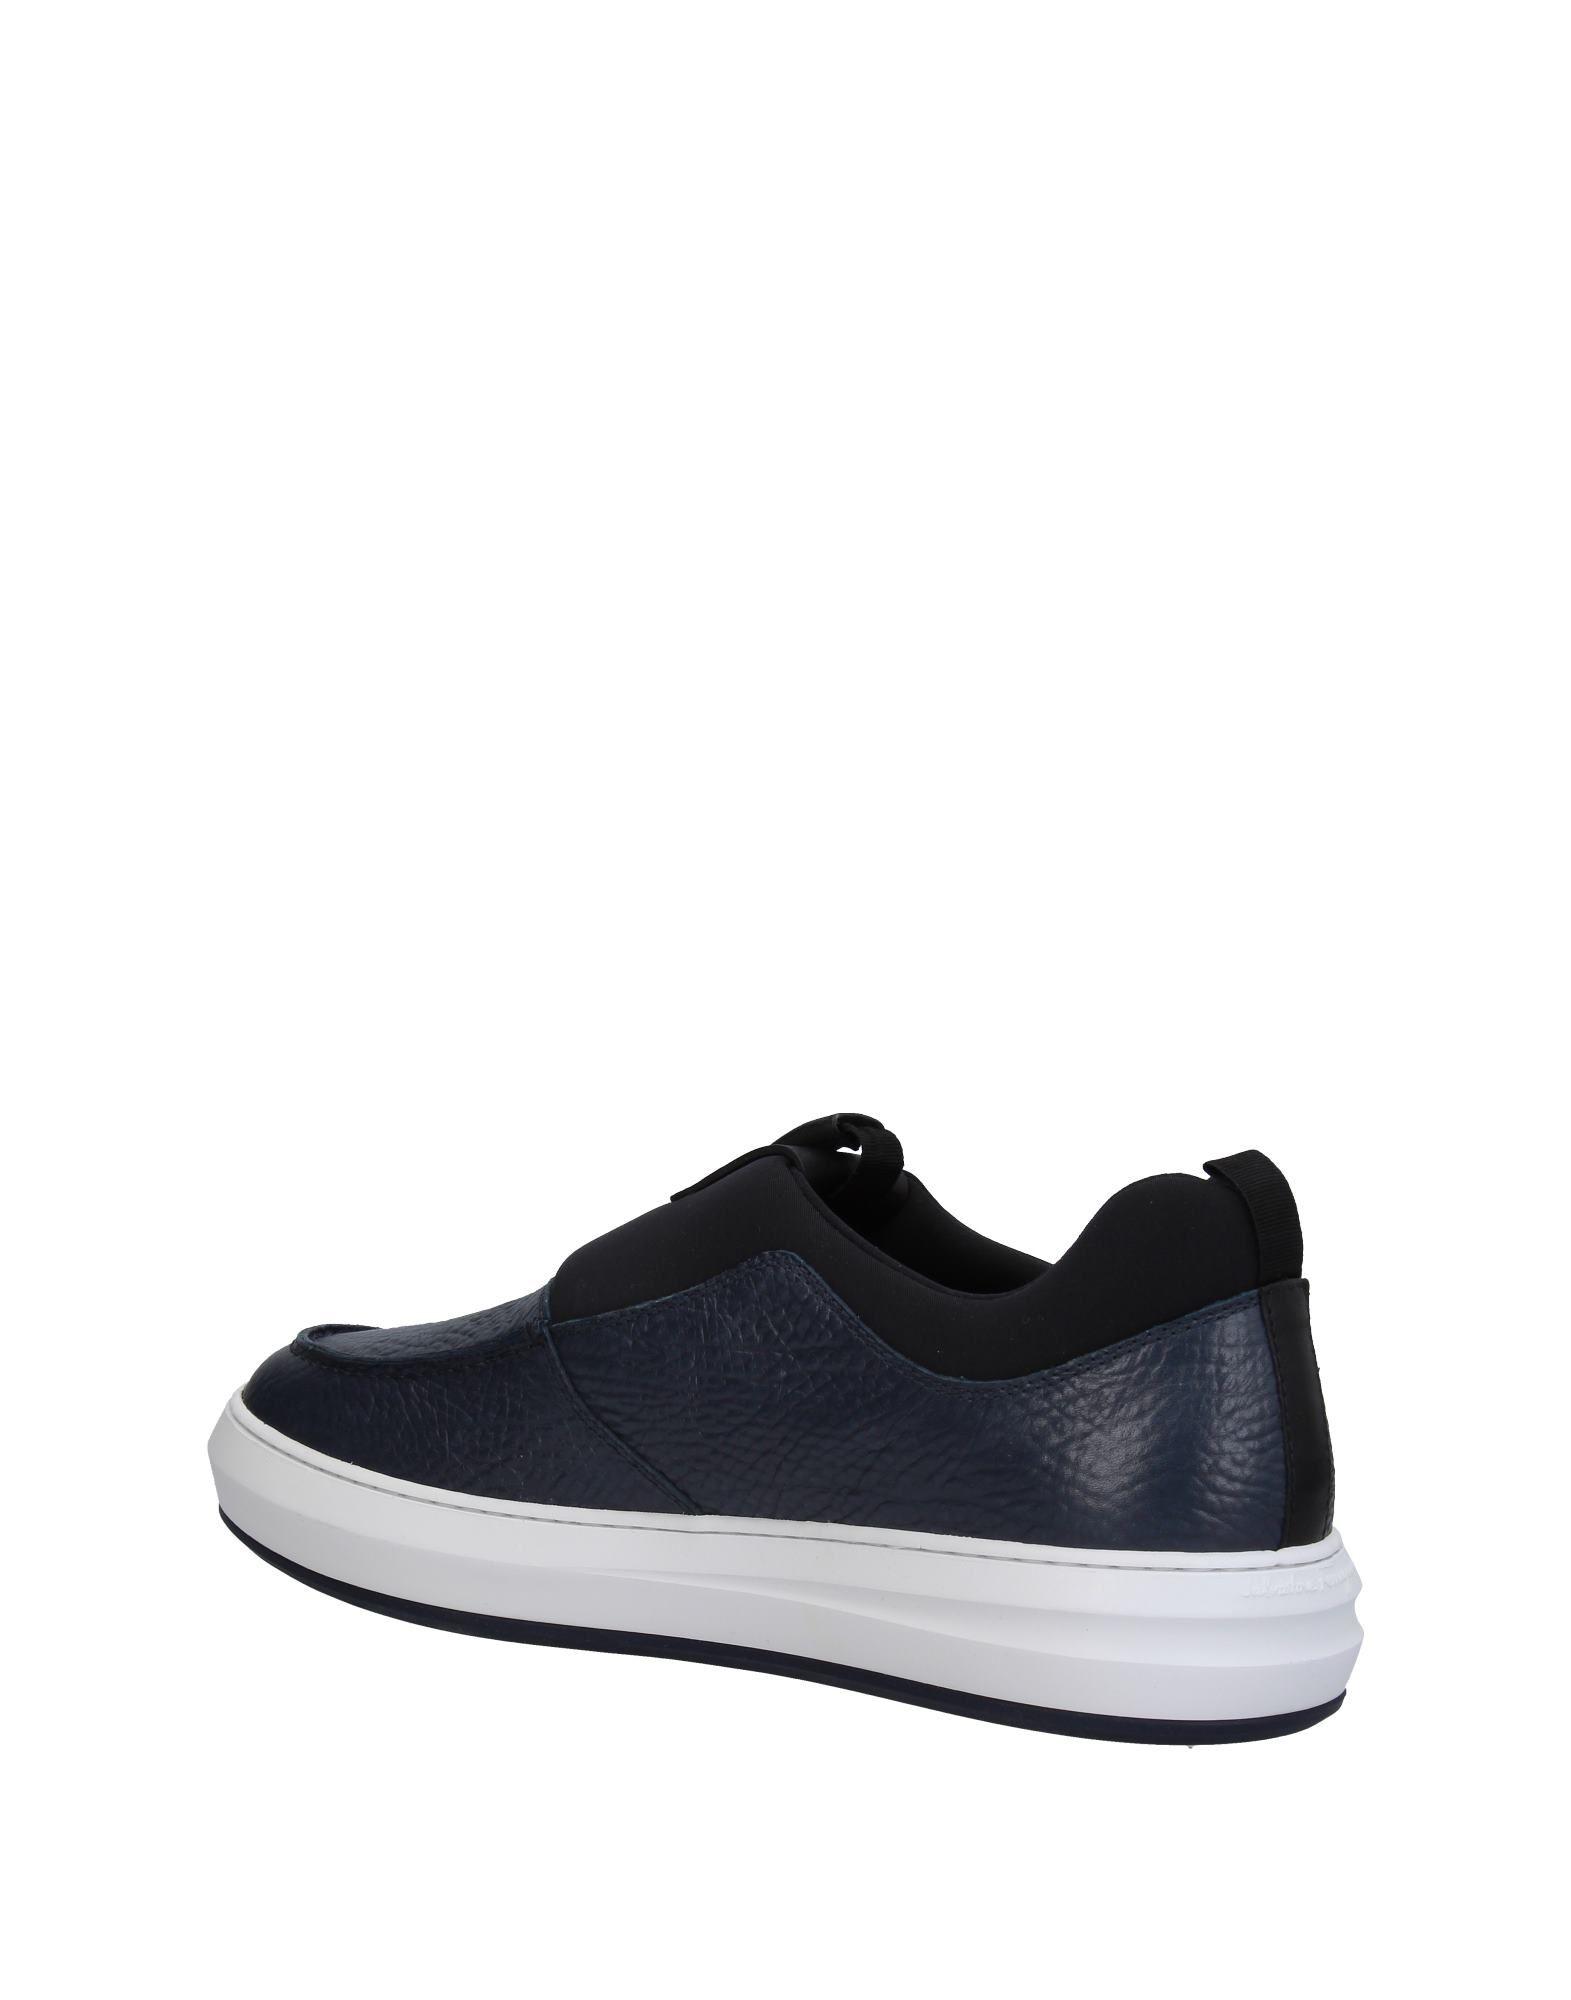 Salvatore Ferragamo Sneakers Herren 11375954VH  11375954VH Herren db68d9